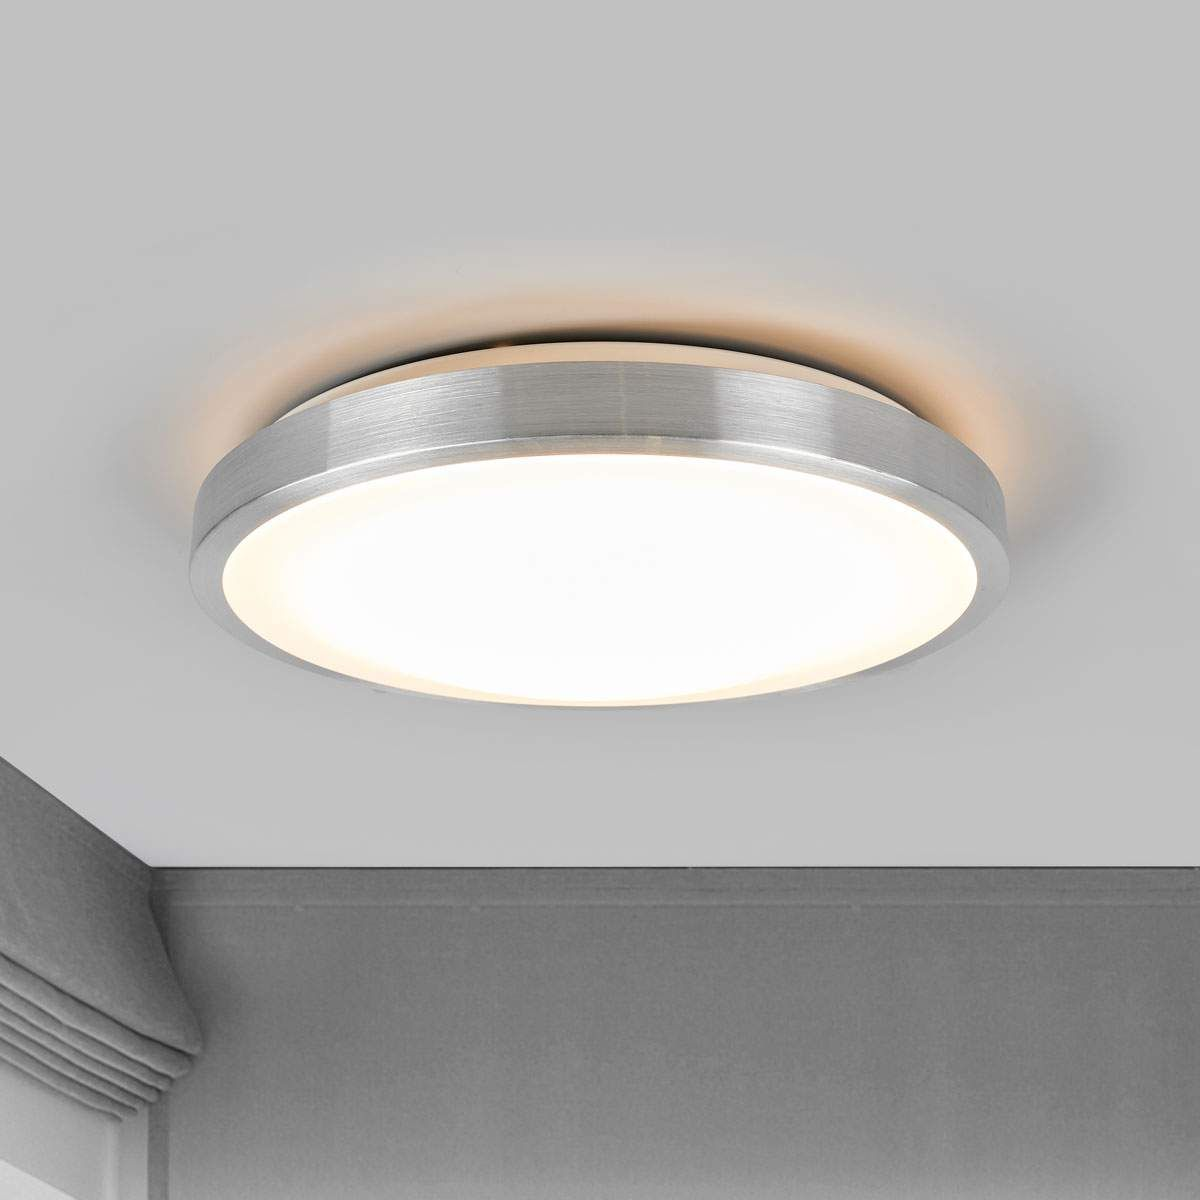 Deckenlampe Hängend Led Deckenleuchte Mit Bewegungsmelder